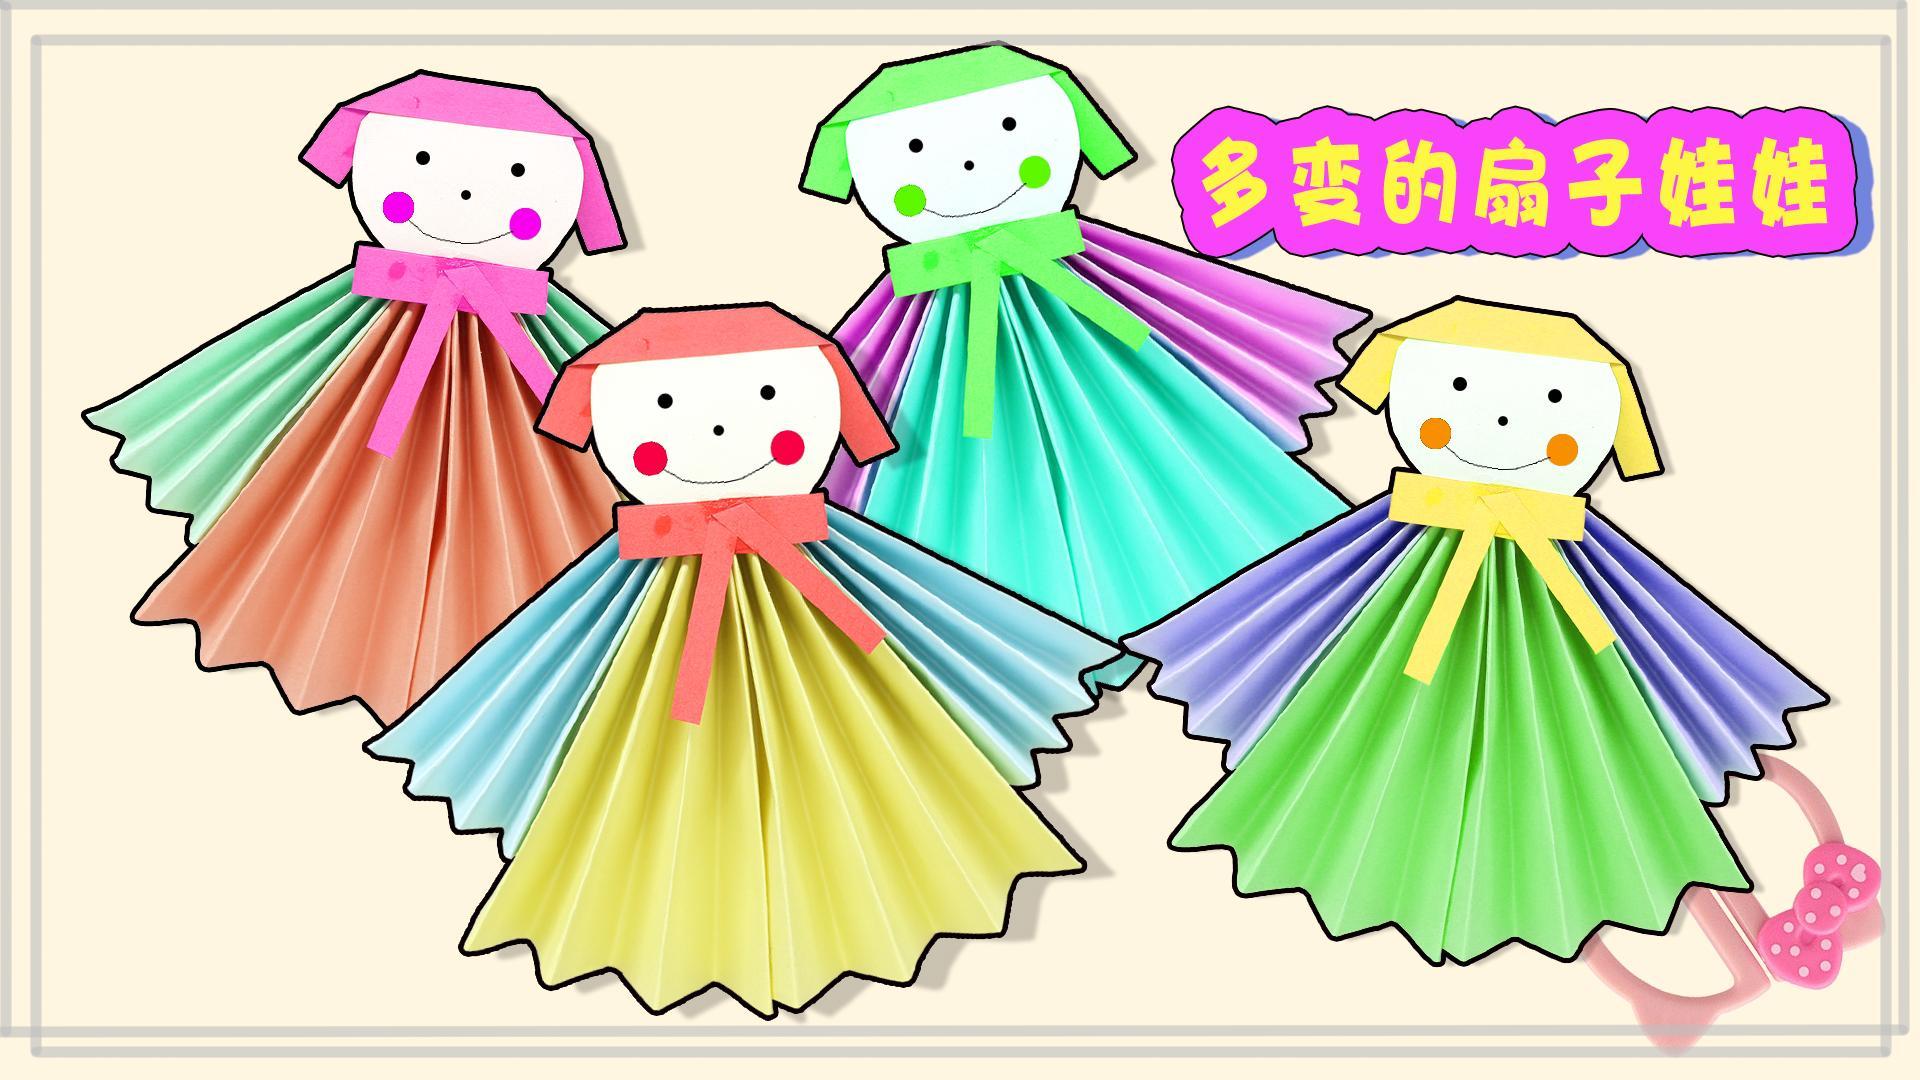 扇子娃娃折纸diy制作!亲子手工儿童玩具扮家家游戏!粉红猪小妹小伶.